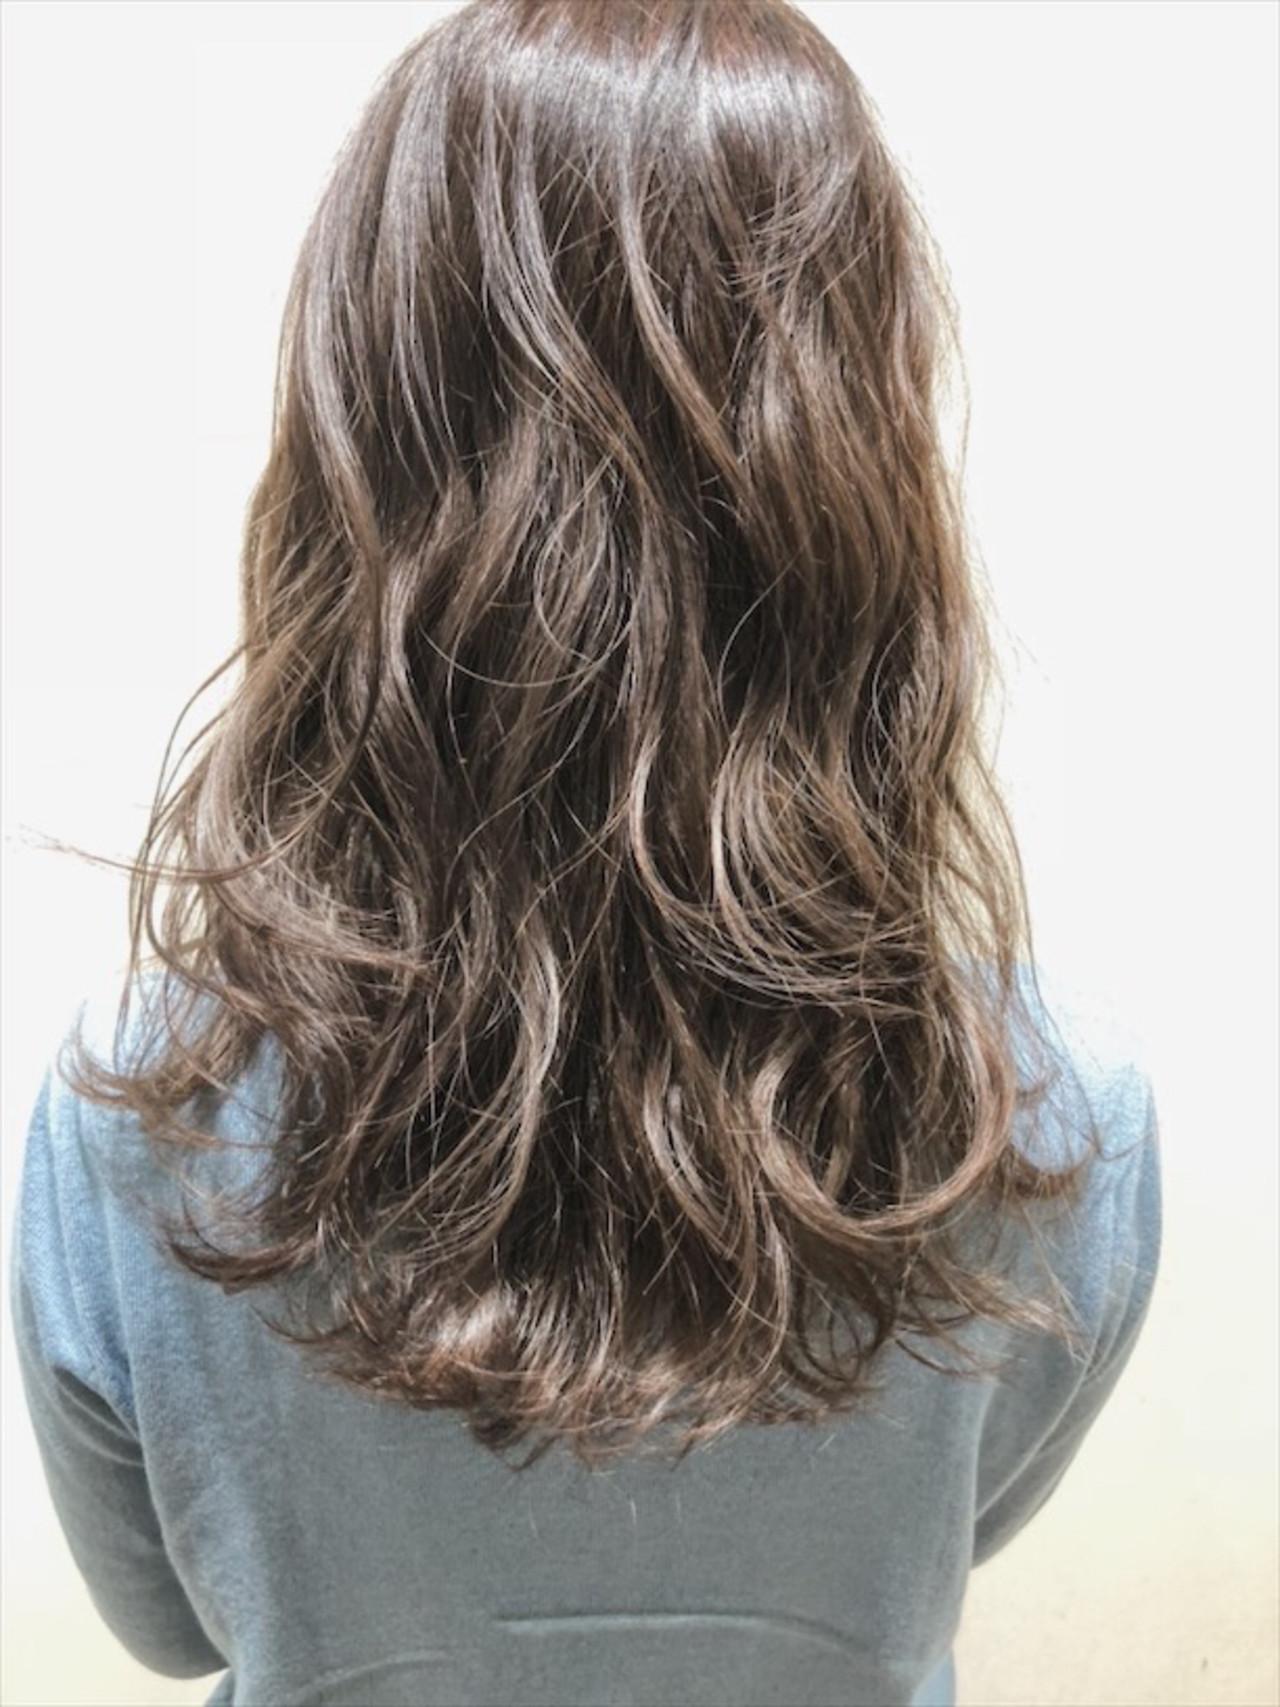 セミロング アッシュ ナチュラル アッシュグレージュ ヘアスタイルや髪型の写真・画像